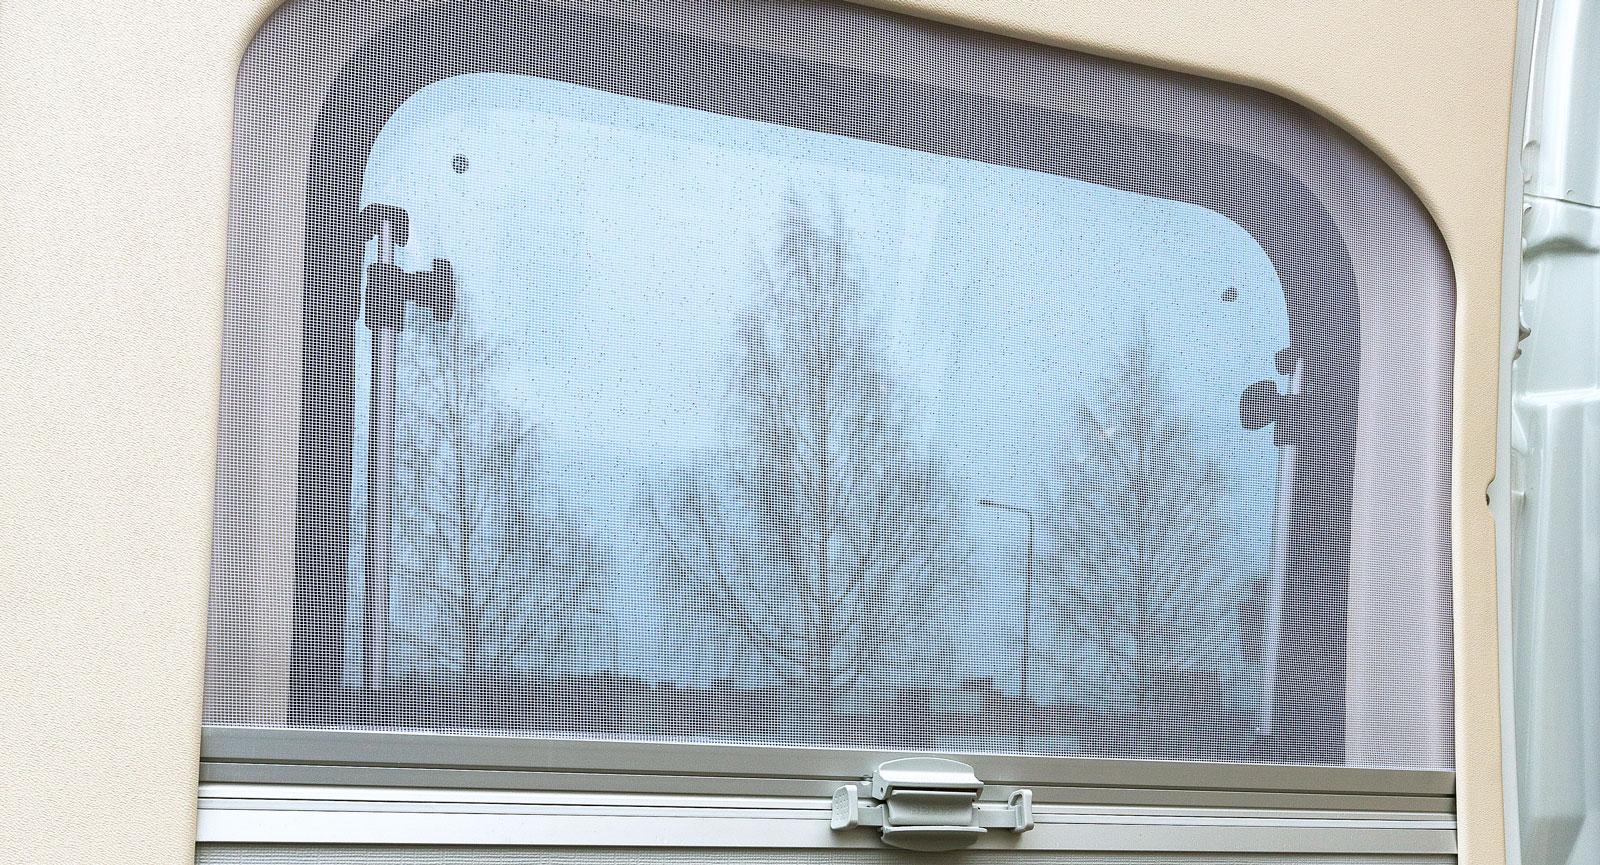 Myggnät på småfönstren bak känns lyxigt.